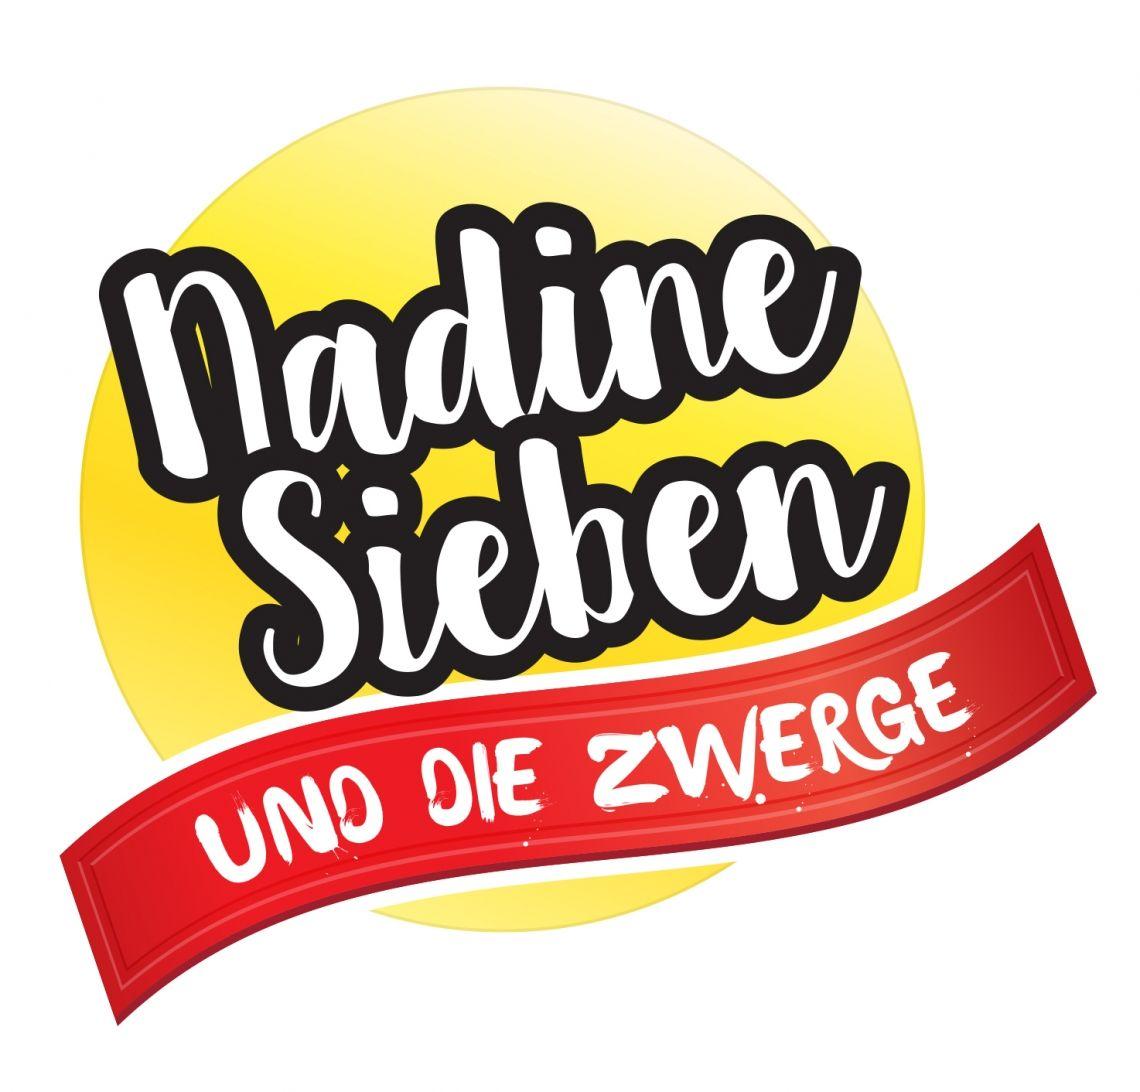 Nadine Sieben und die Zwerge Das neue Projekt Nadine Sieben und die Zwerge